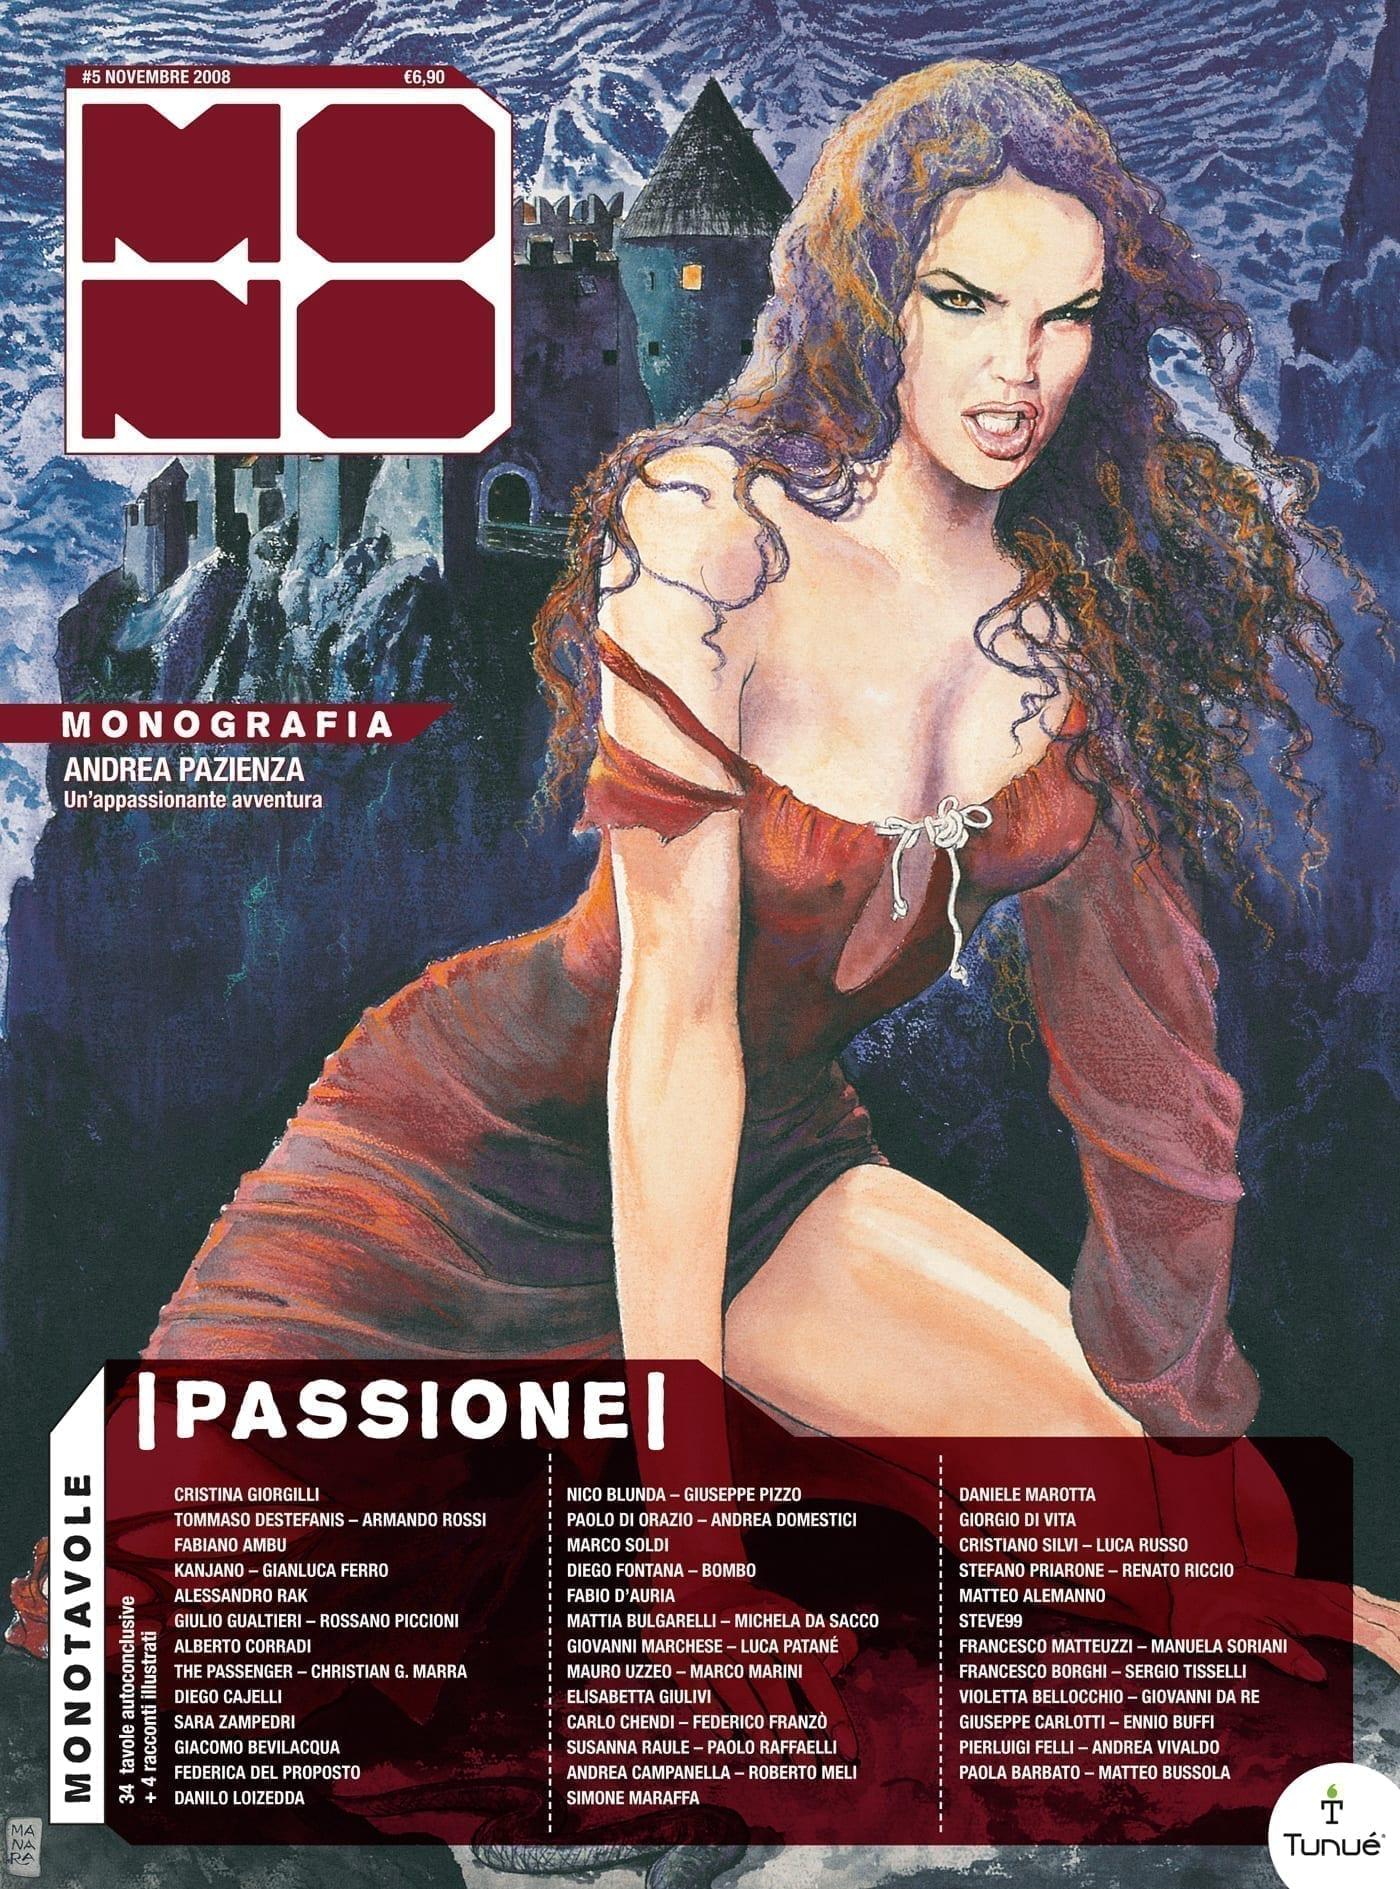 mono5_cover_HR